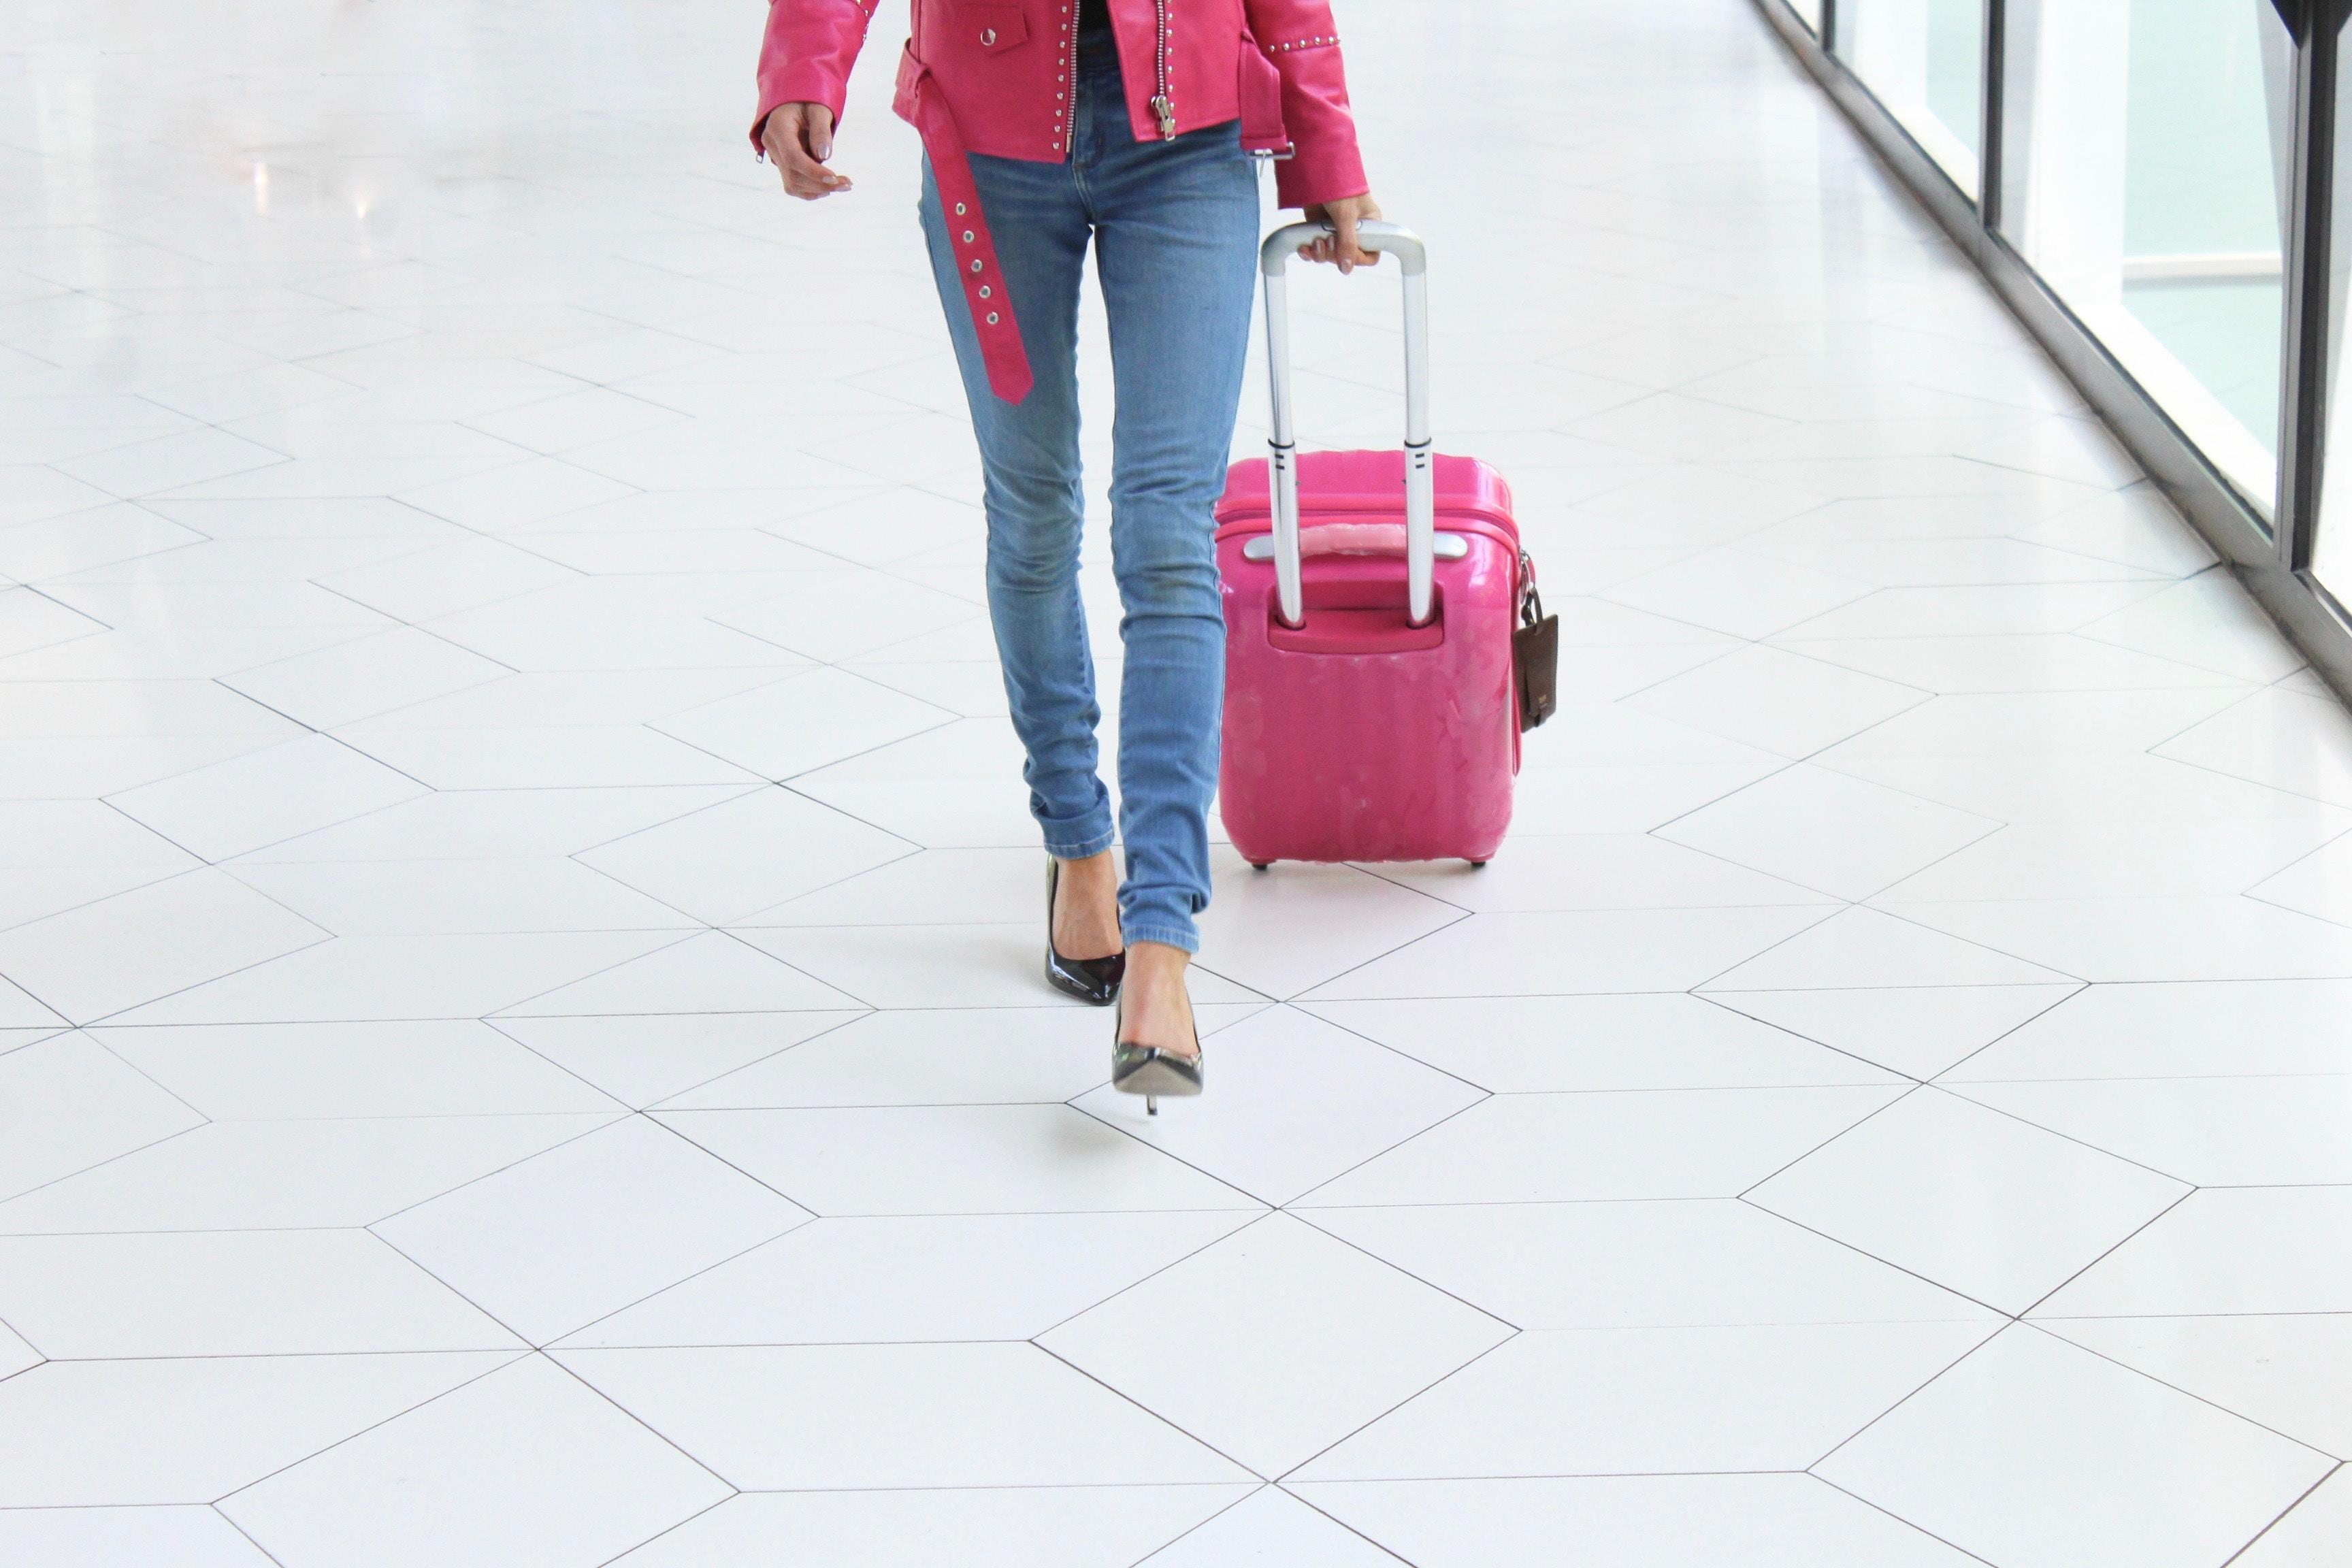 Novas regras da bagagem de mão: dicas do que pode levar dentro do avião